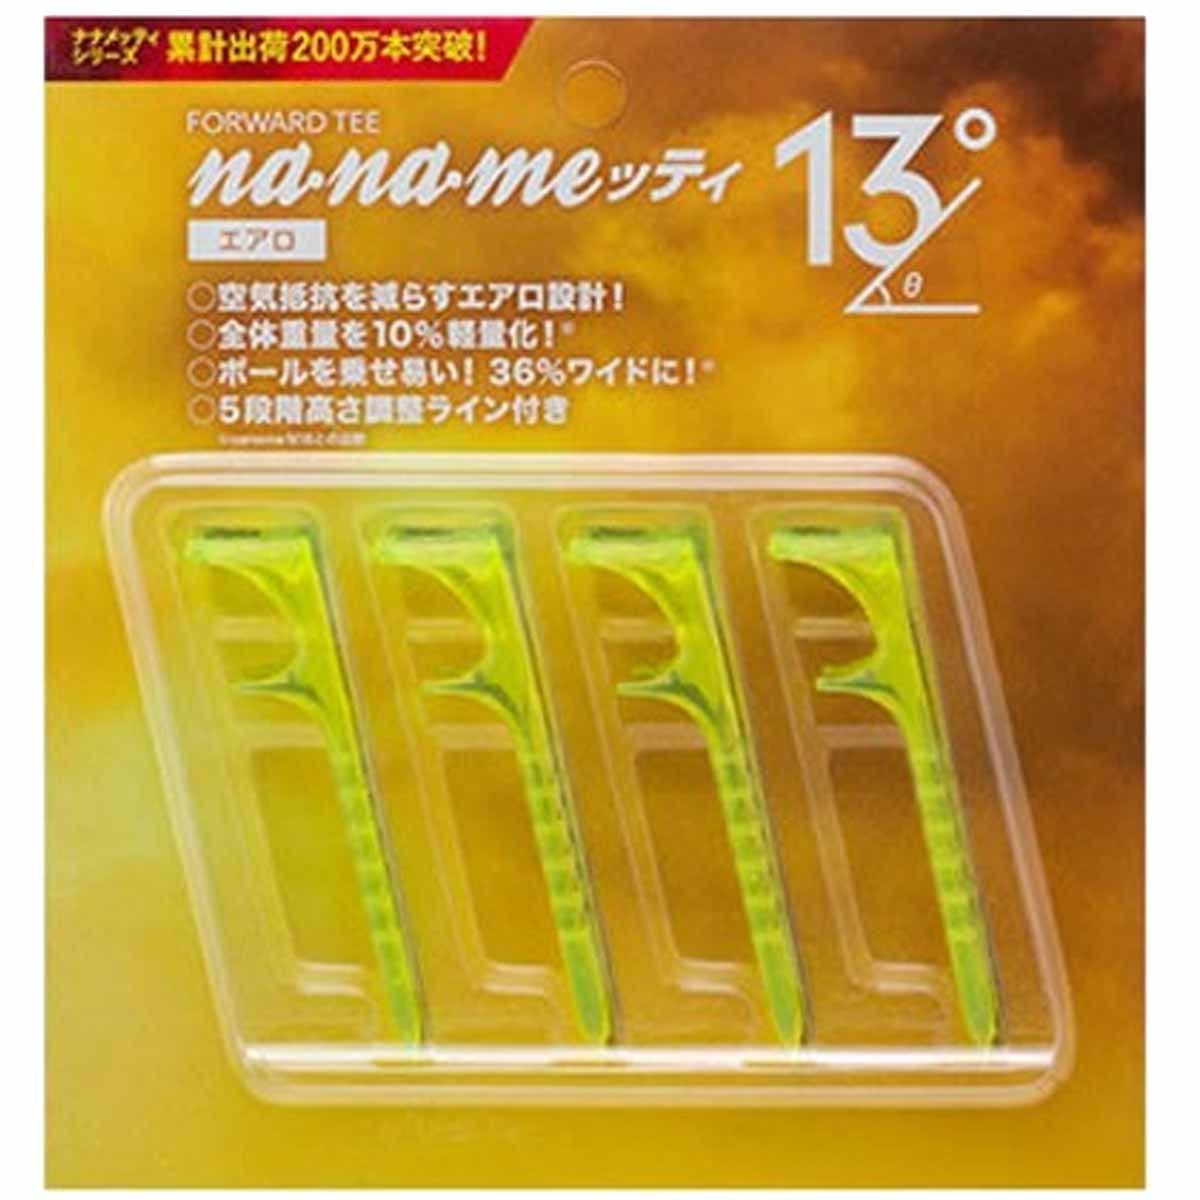 nanameッティエアロ13° イエロー